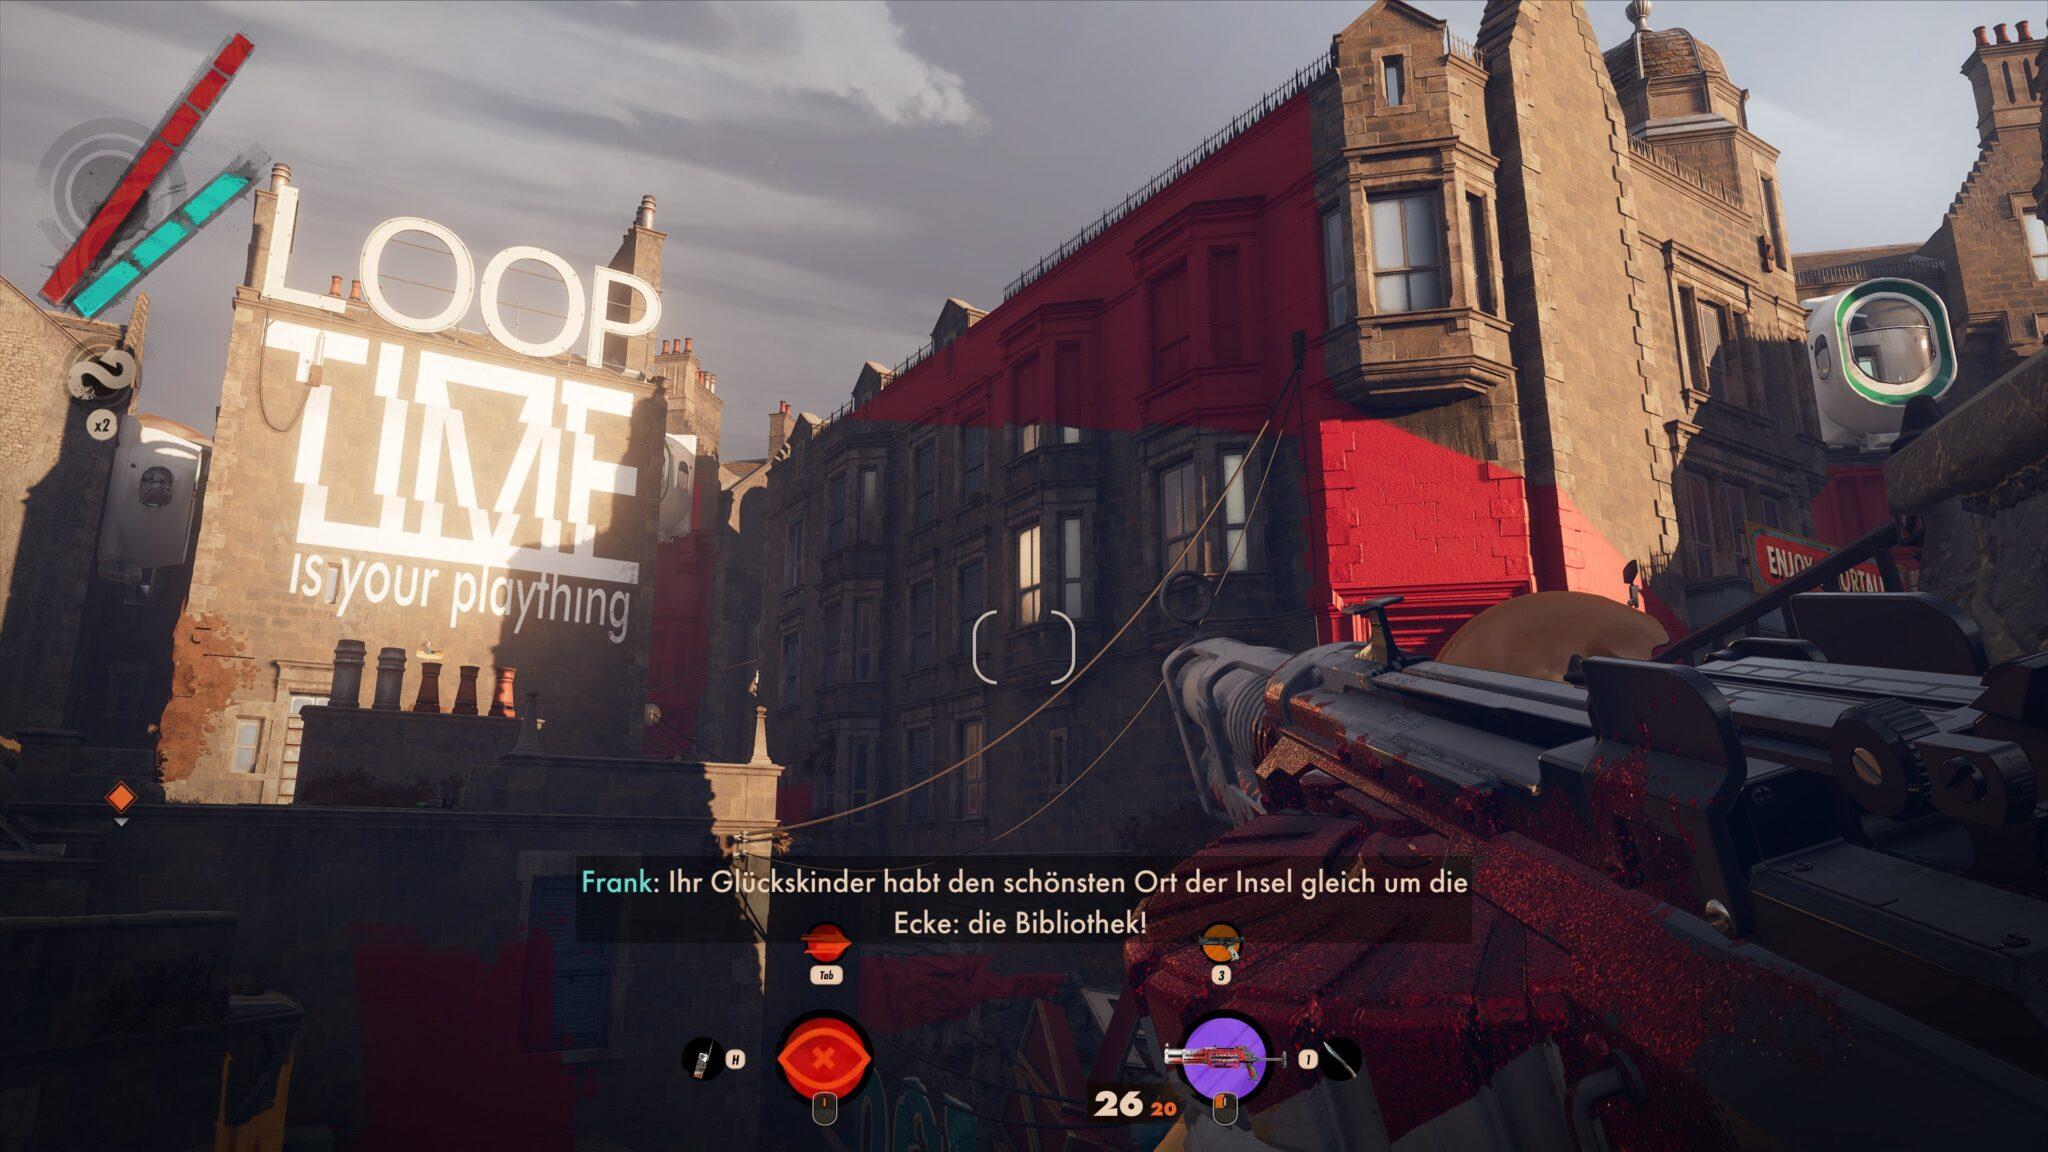 De Deathloop ontwikkelaars kunnen een meesterlijk level ontwerp maken. Alleen de next-gen sfeer wil niet echt naar boven komen